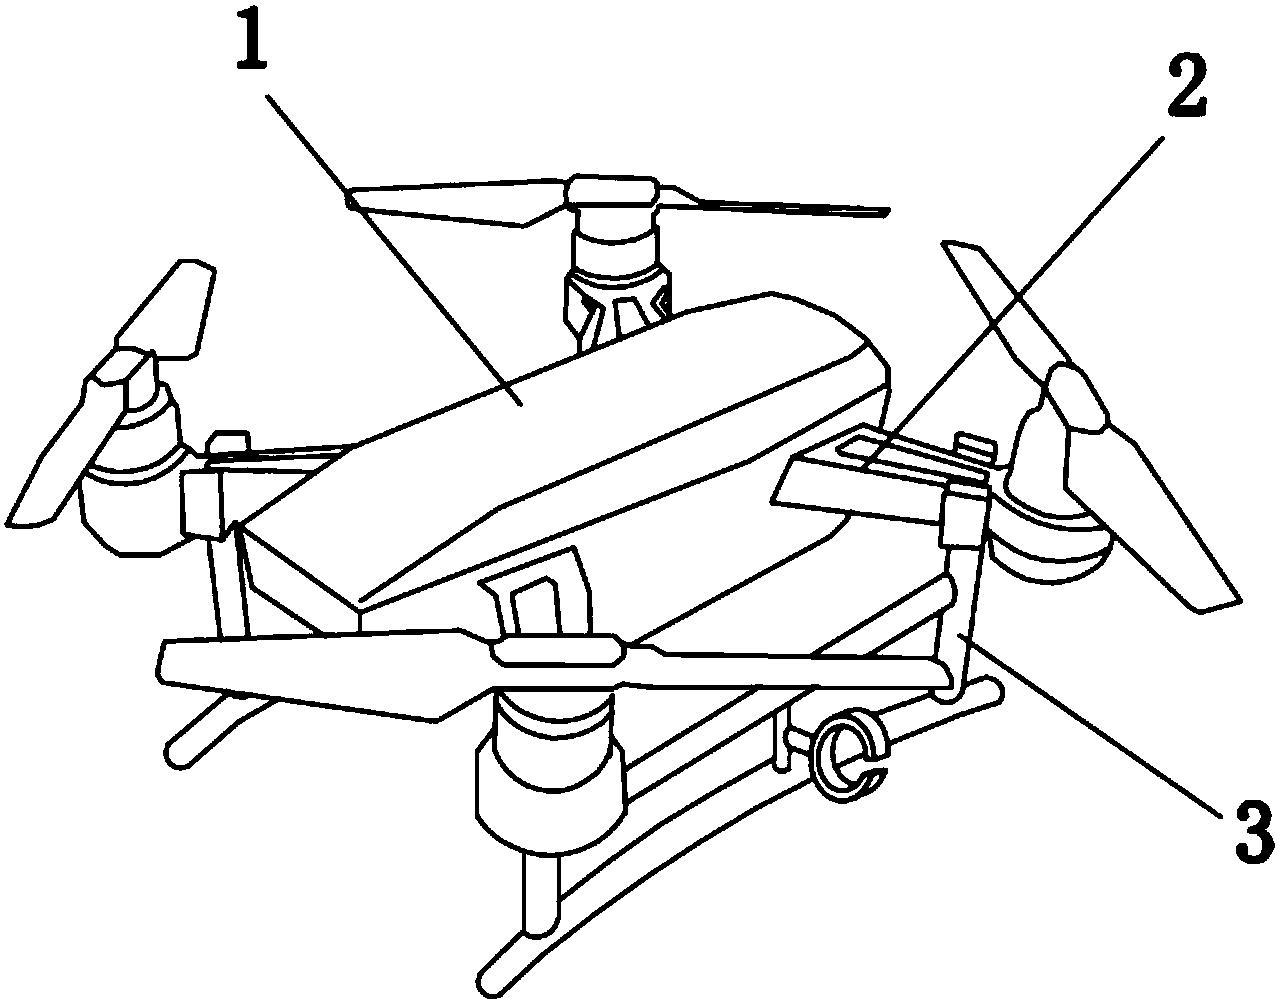 cn207106857u_一种无人机起落架有效